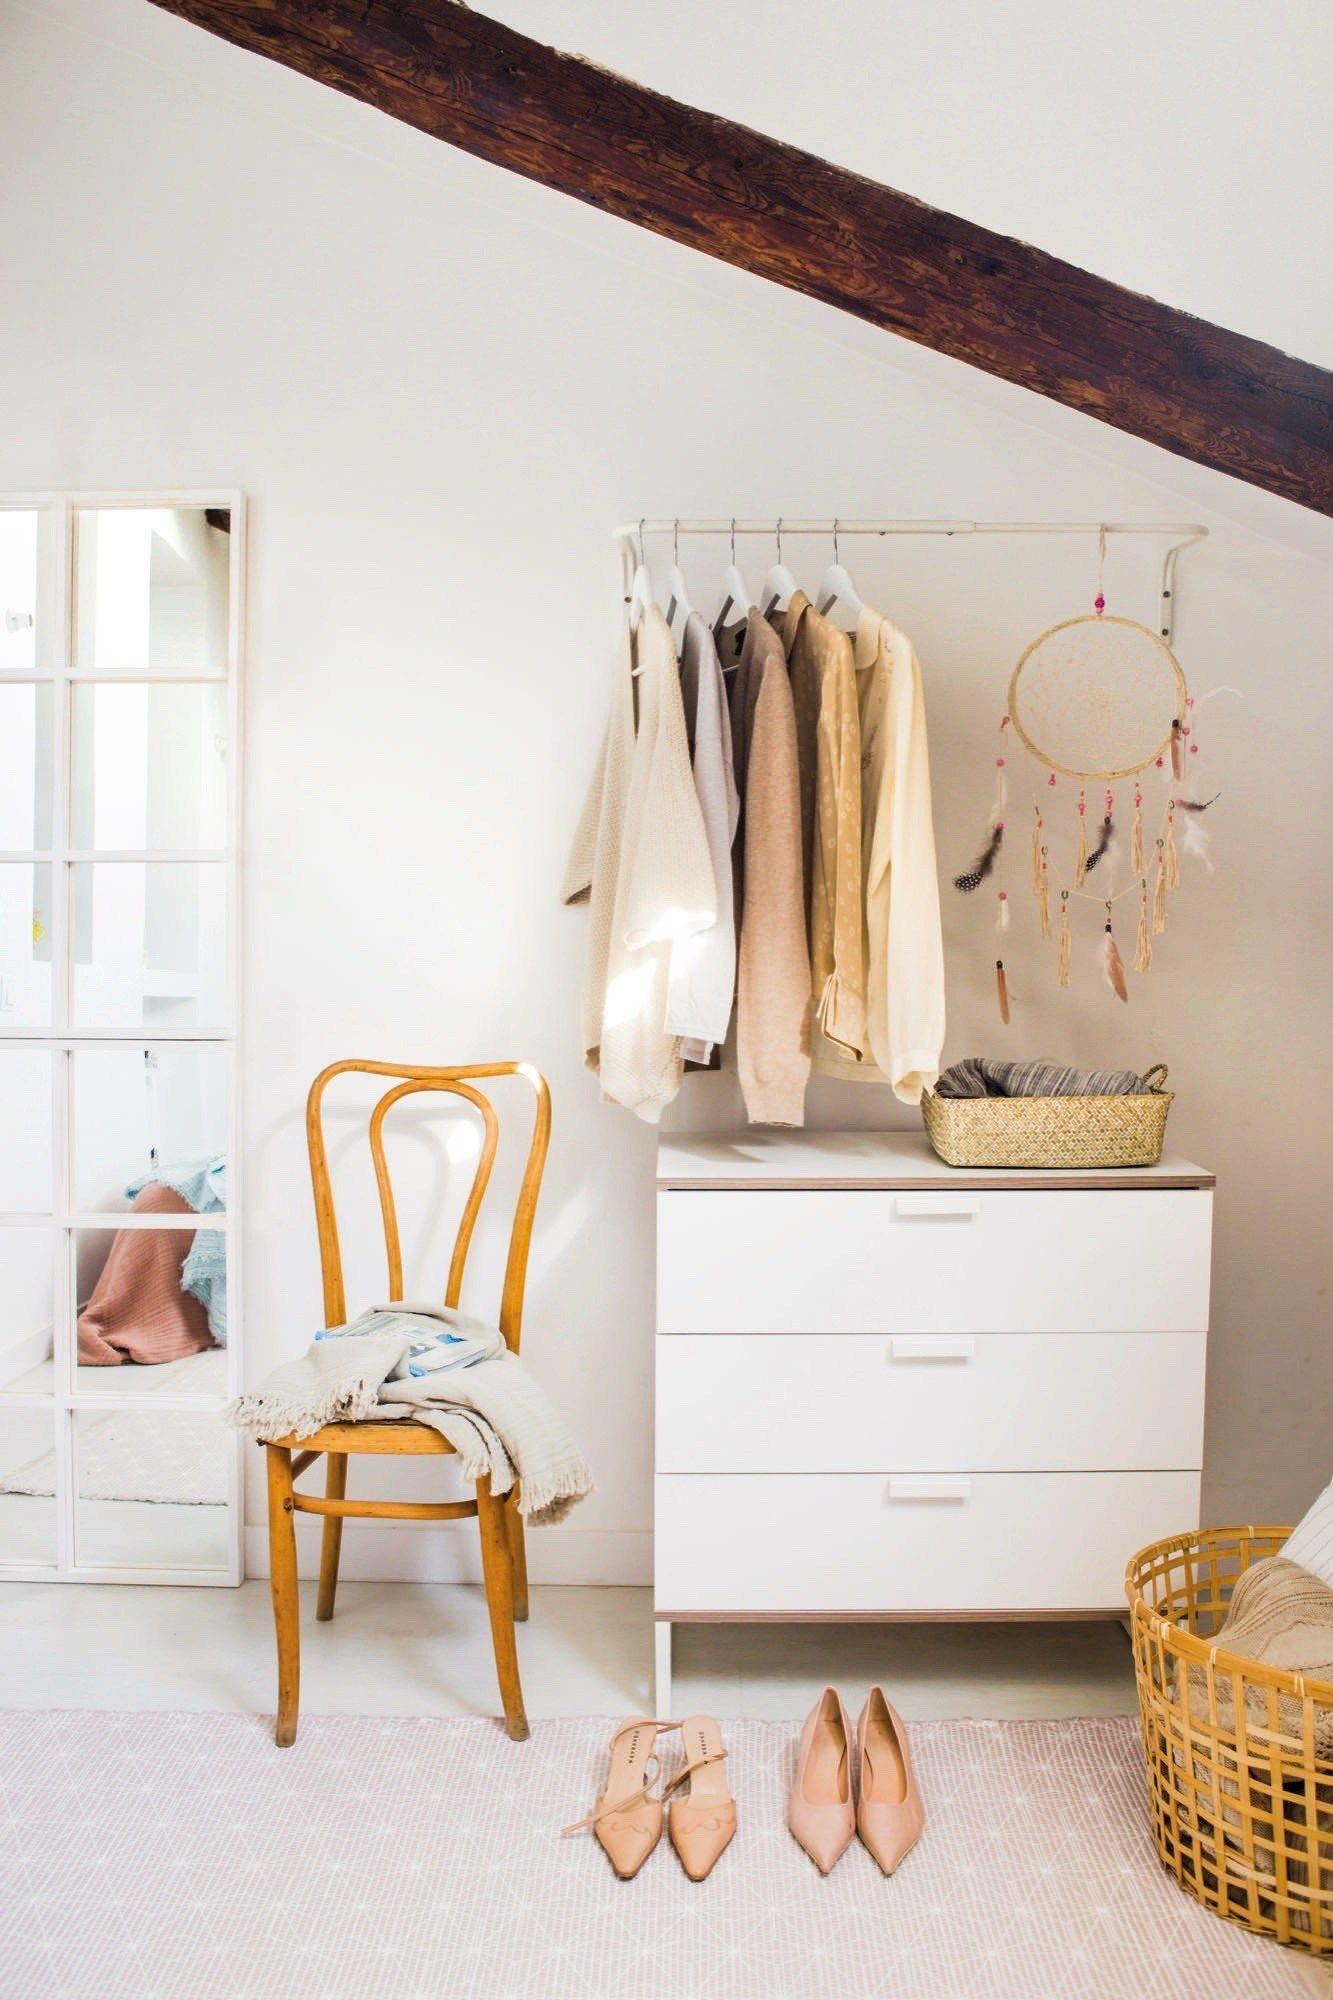 pisos pequeños mini casas mini aticos estilo nórdico madrid diseño interiores decoración espacios pequeños decoración en blanco decoración áticos decoración amarillo